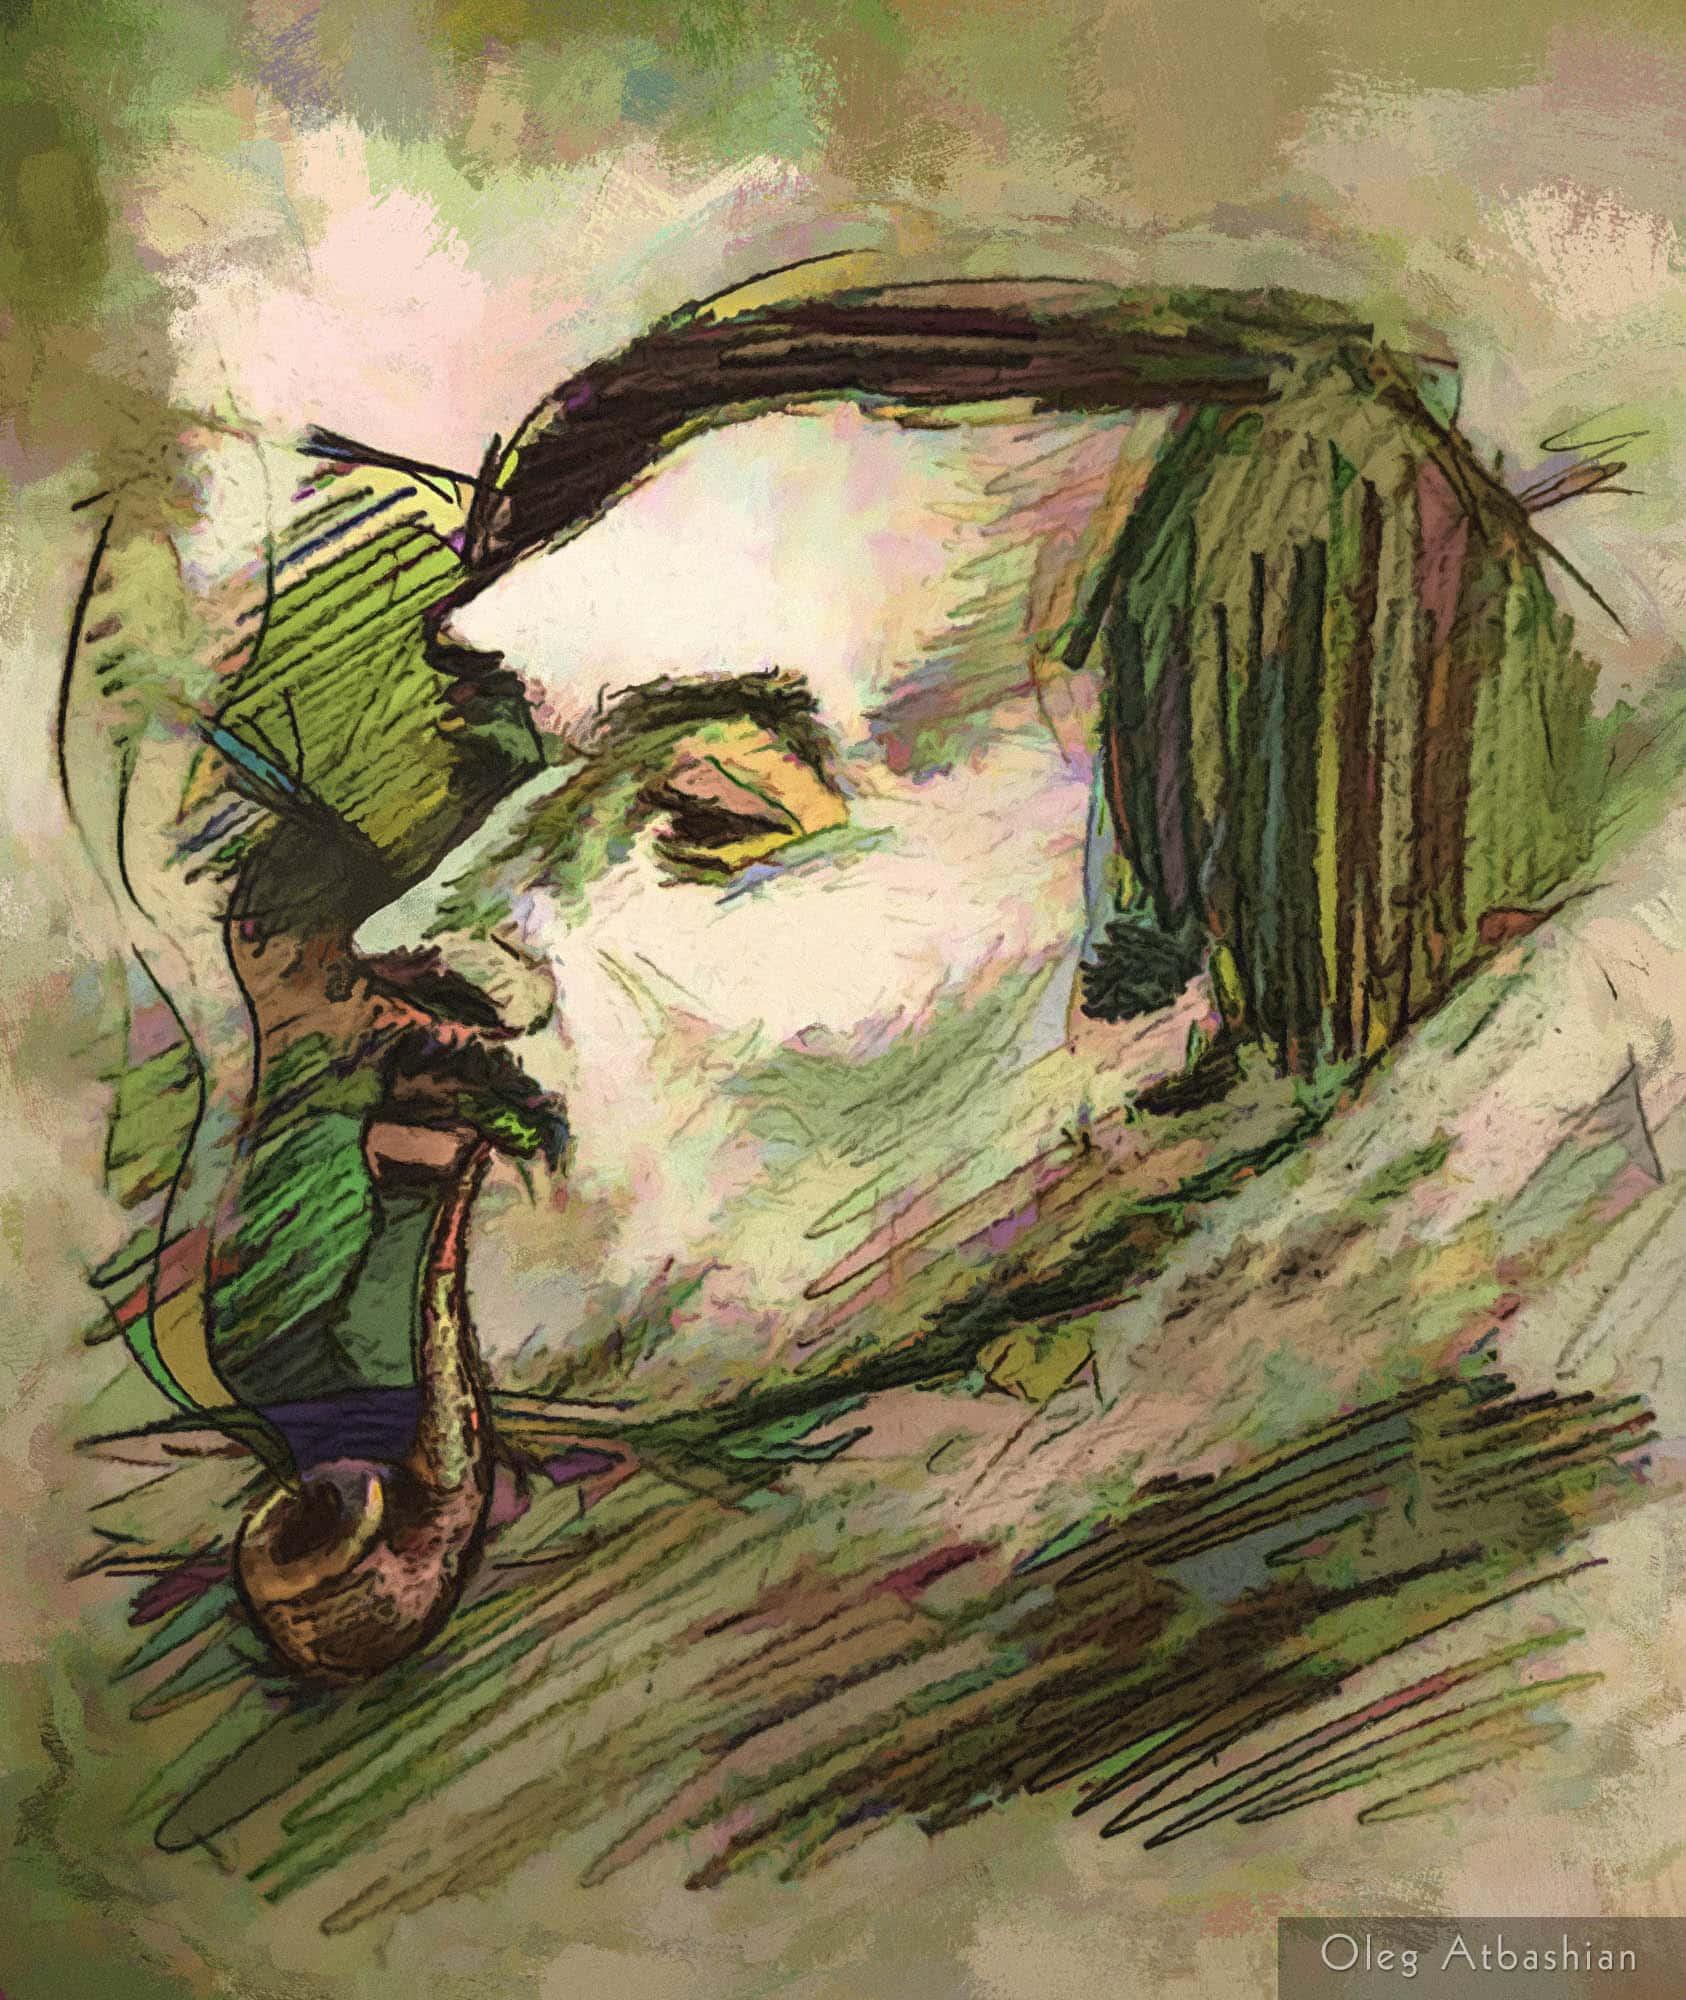 Taras Shevchenko Lookalike